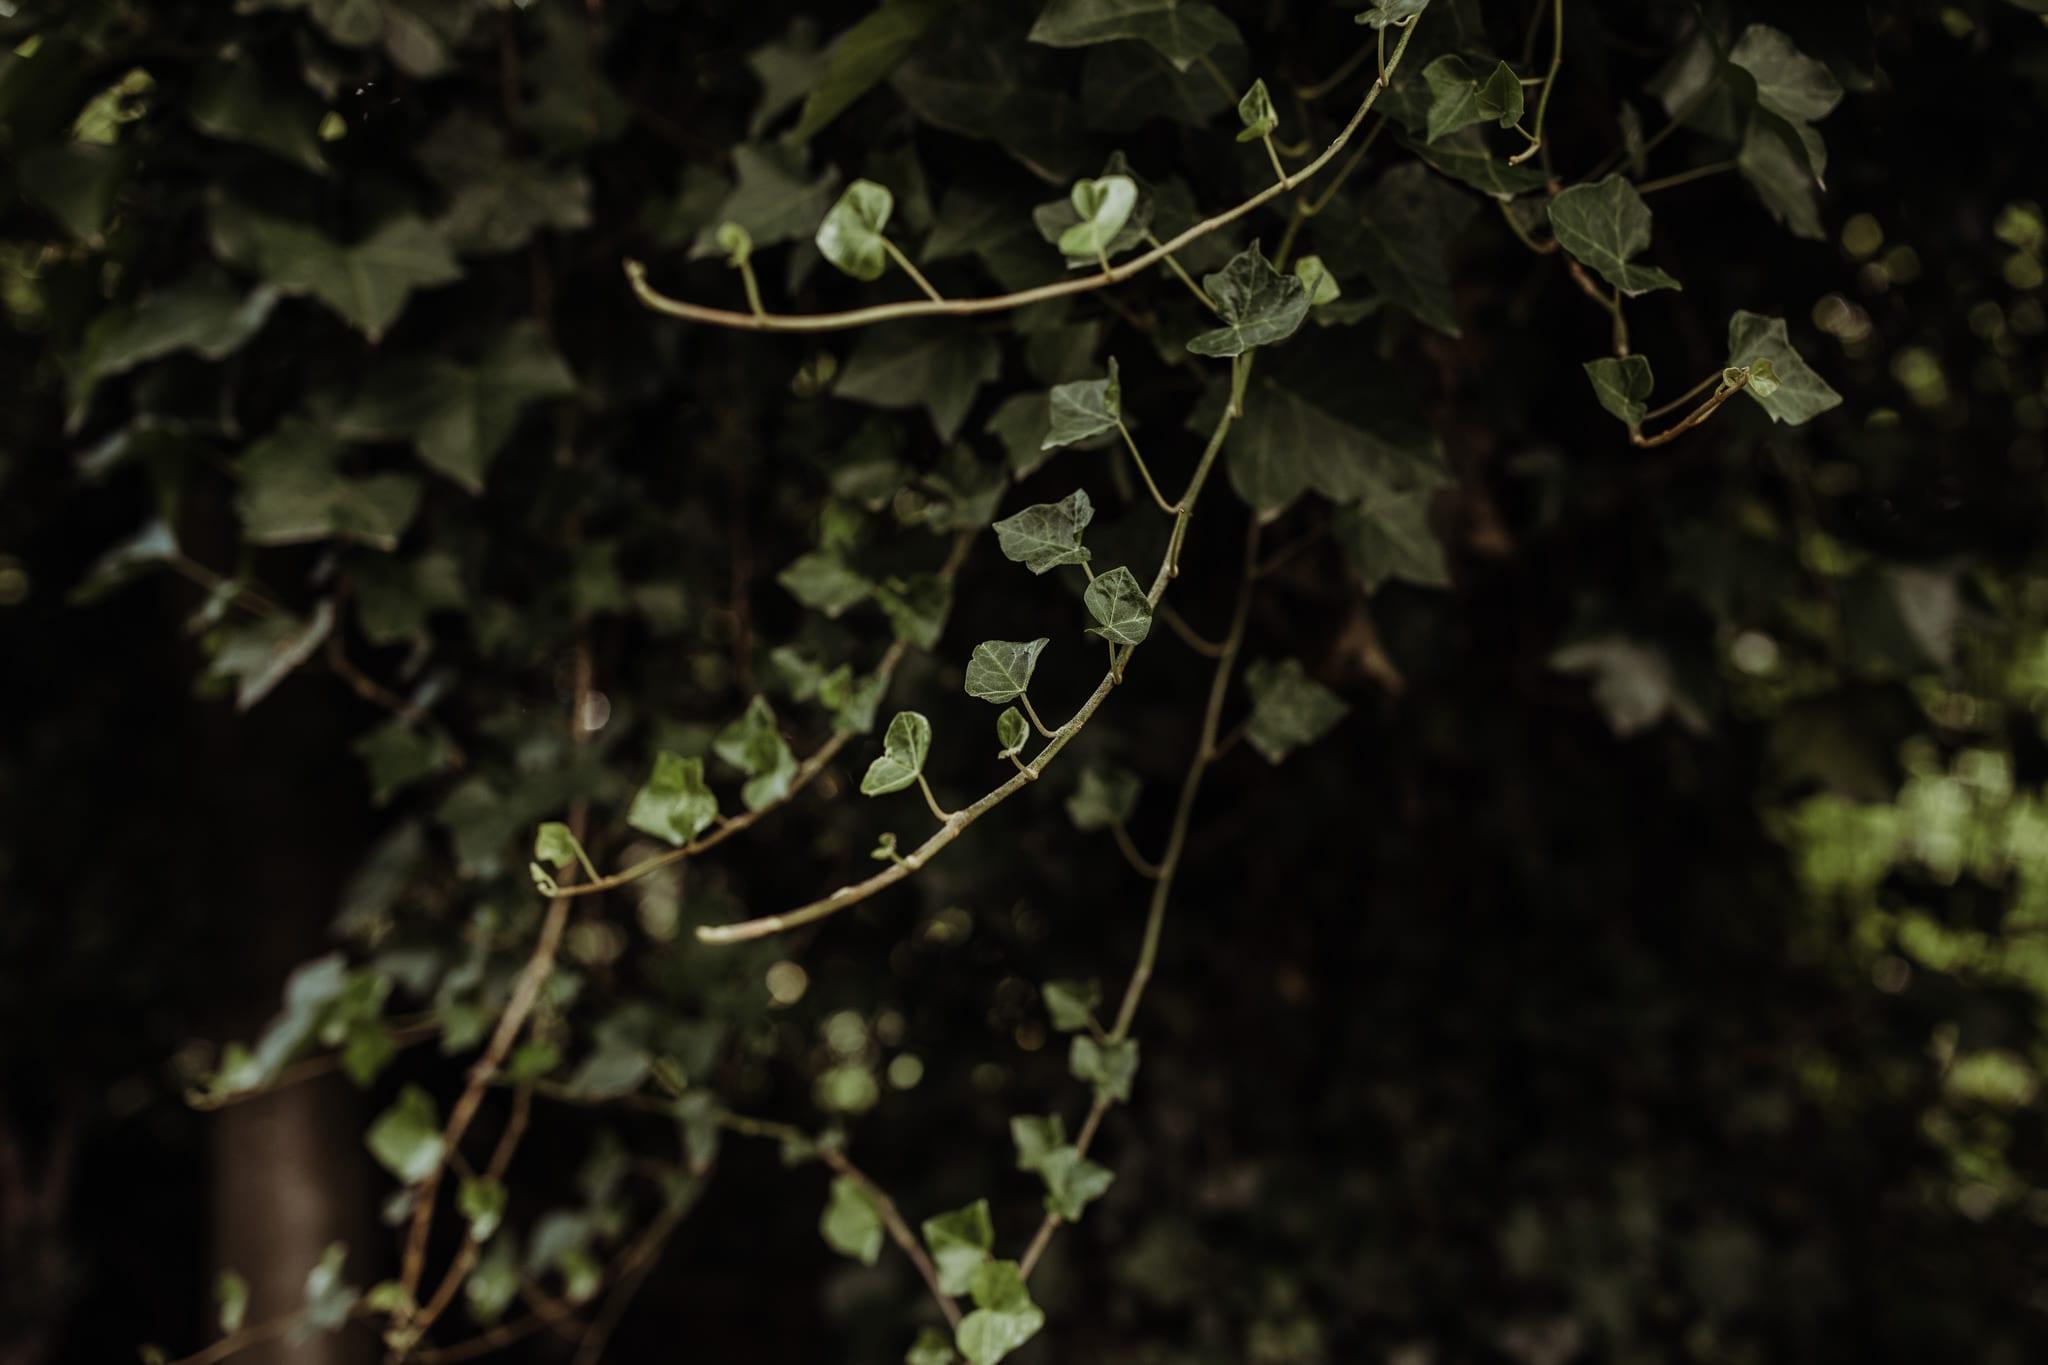 foliage details at at Wandlebury Park